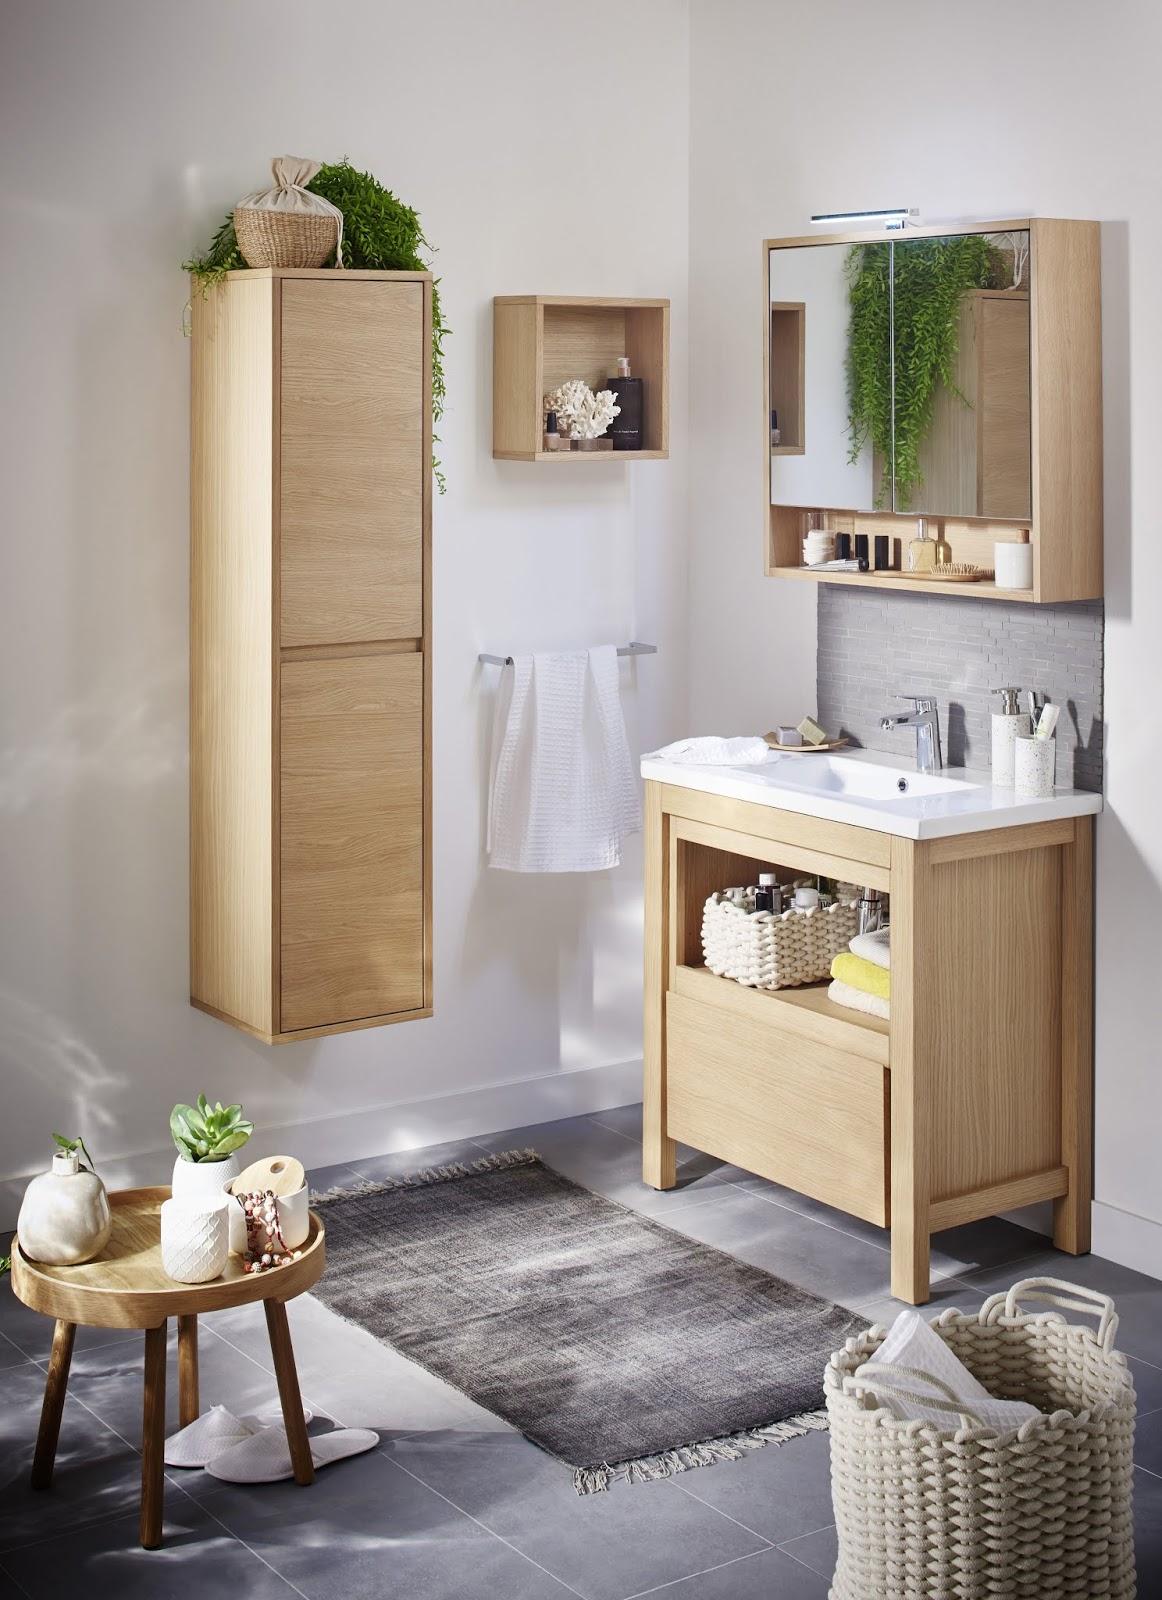 lapeyre salle de bain sdb inspiration décoration aménagement ameublement les gommettes de melo